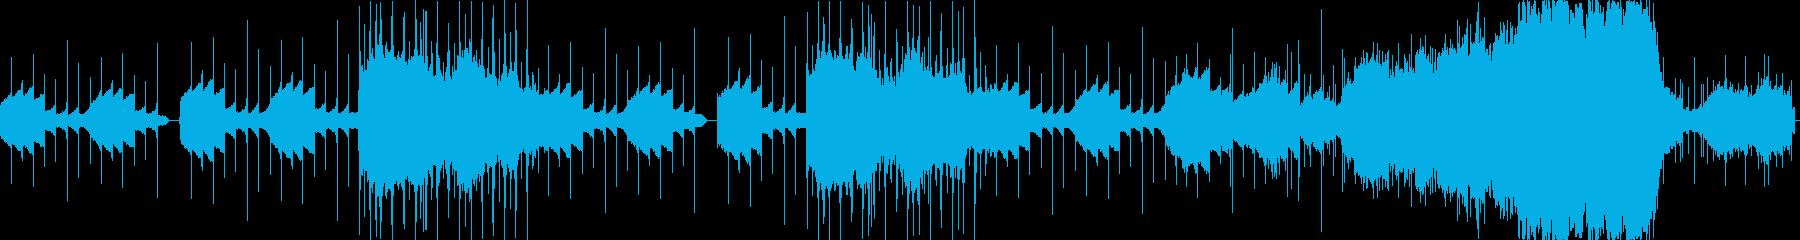 打ちこみ主体のサイケデリックの再生済みの波形